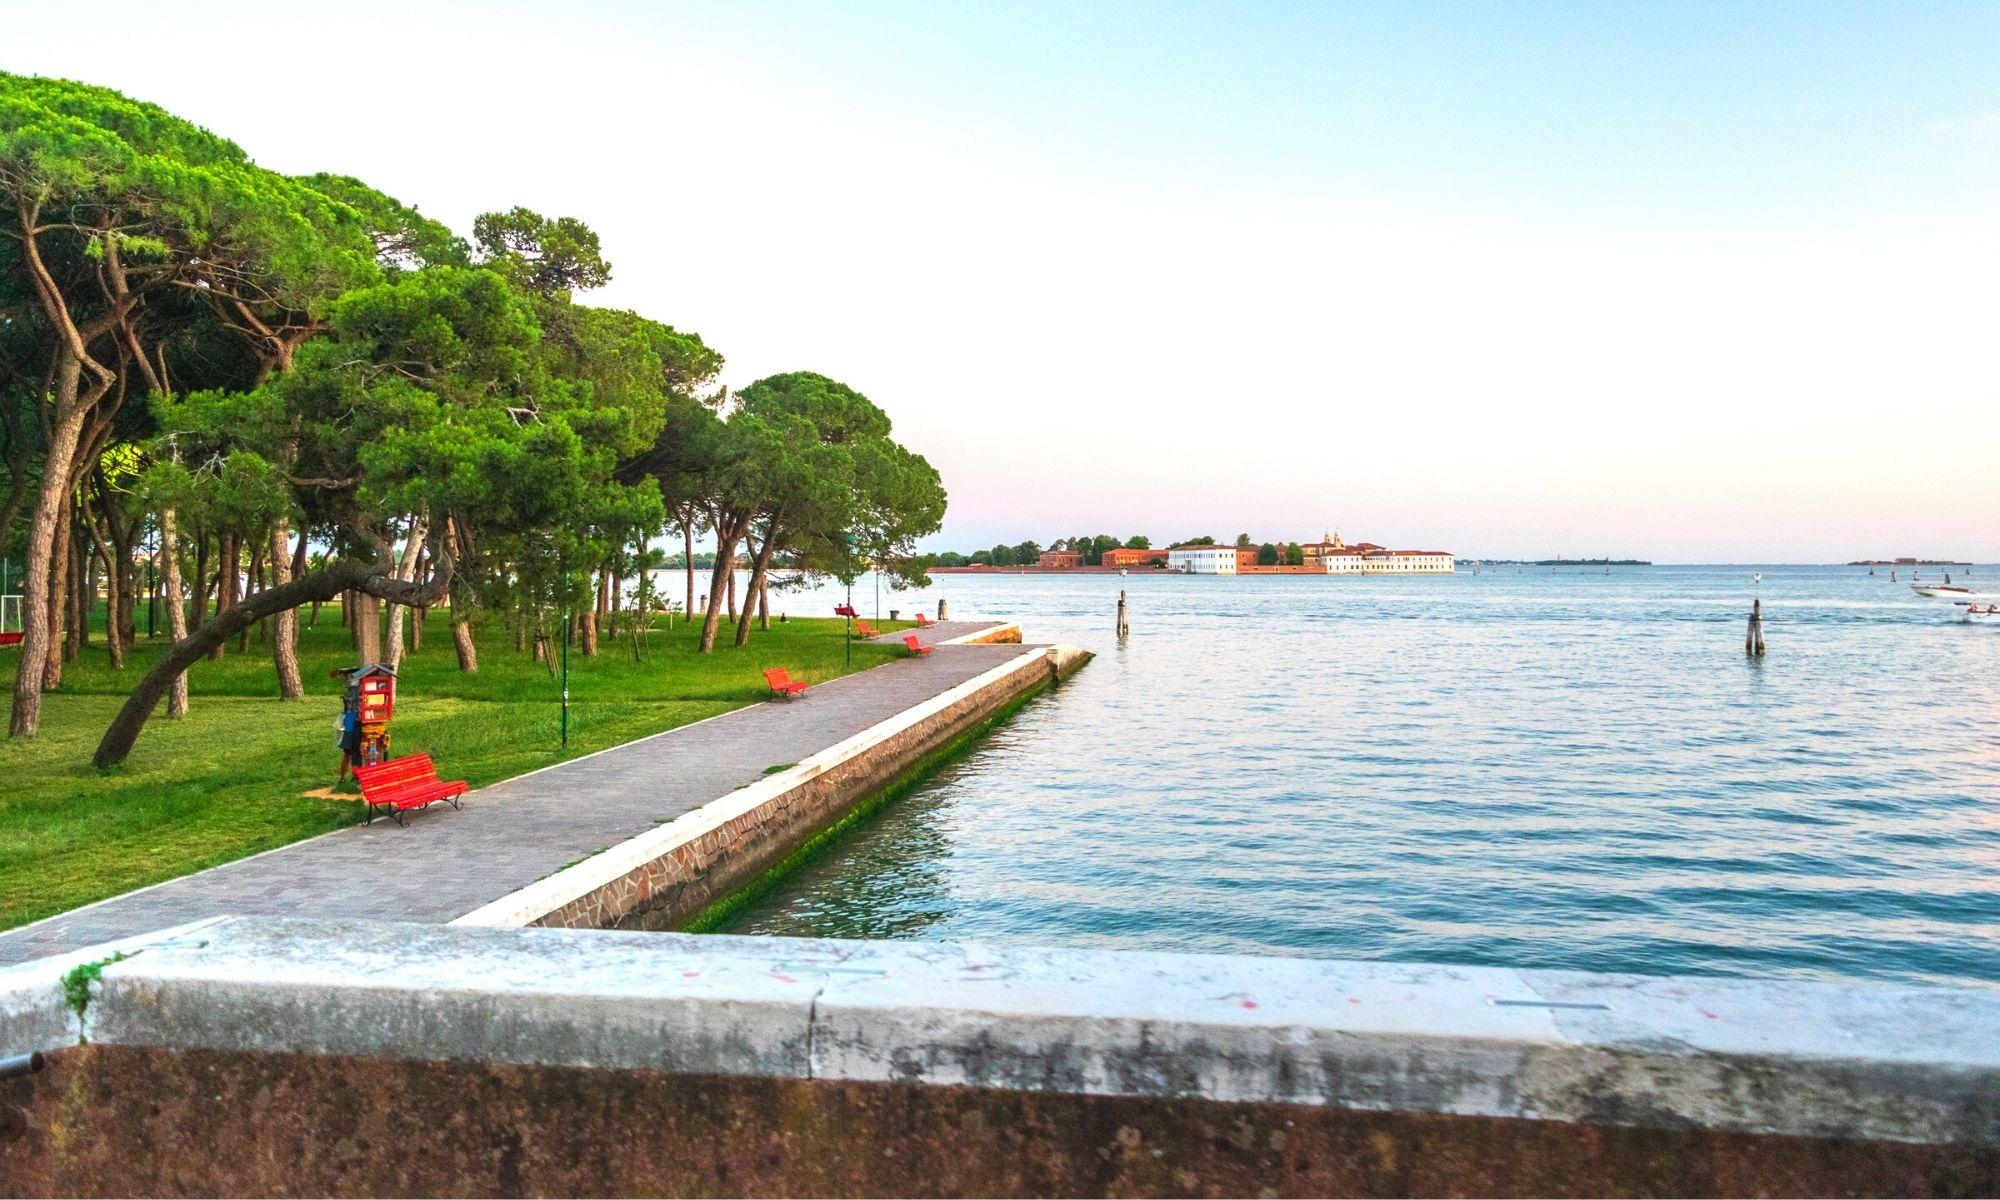 Zineb Sedira représentera la France à la Biennale internationale d'art de Venise 2022